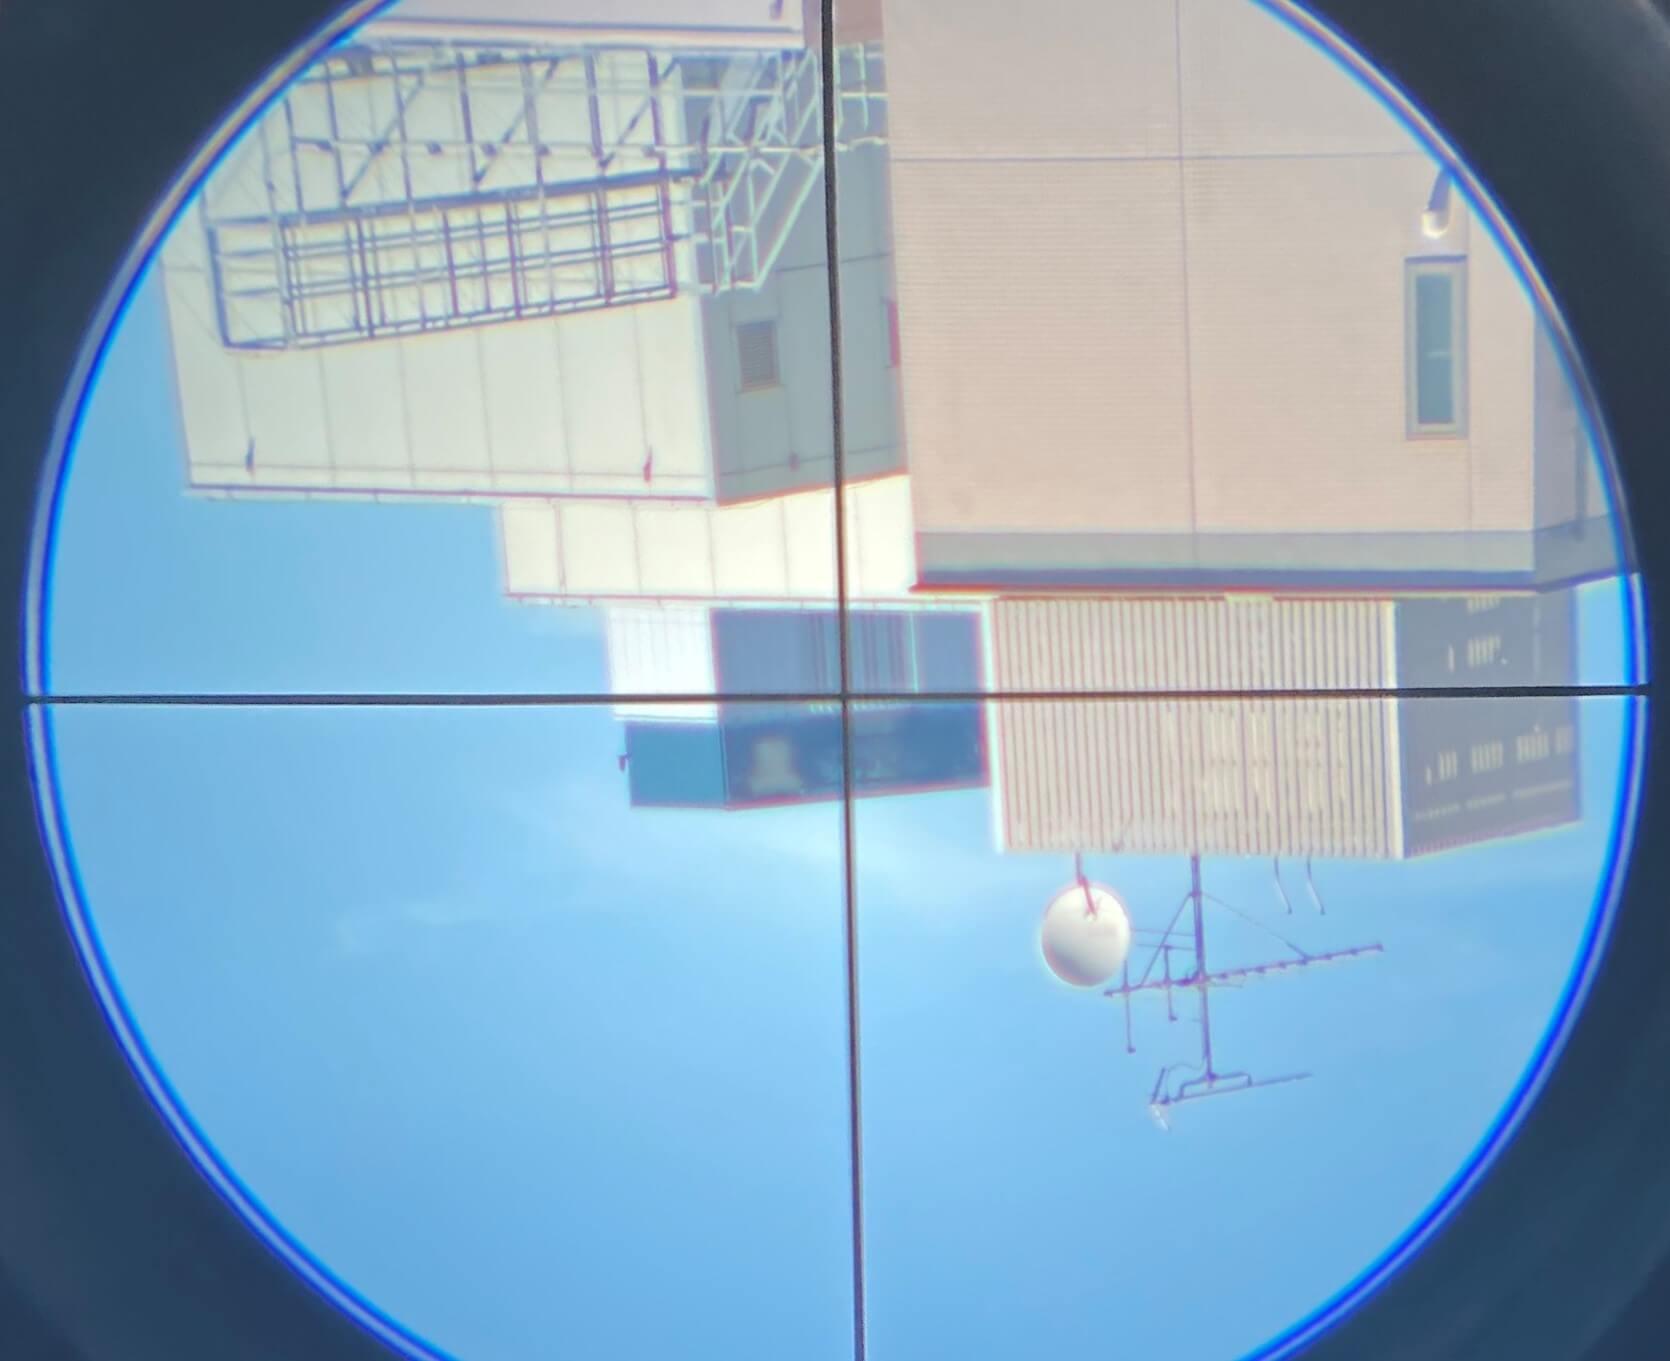 実際に「Travel Scope 80 with BP & SPH」で観測をしてみた ファインダーで目標物を捉える